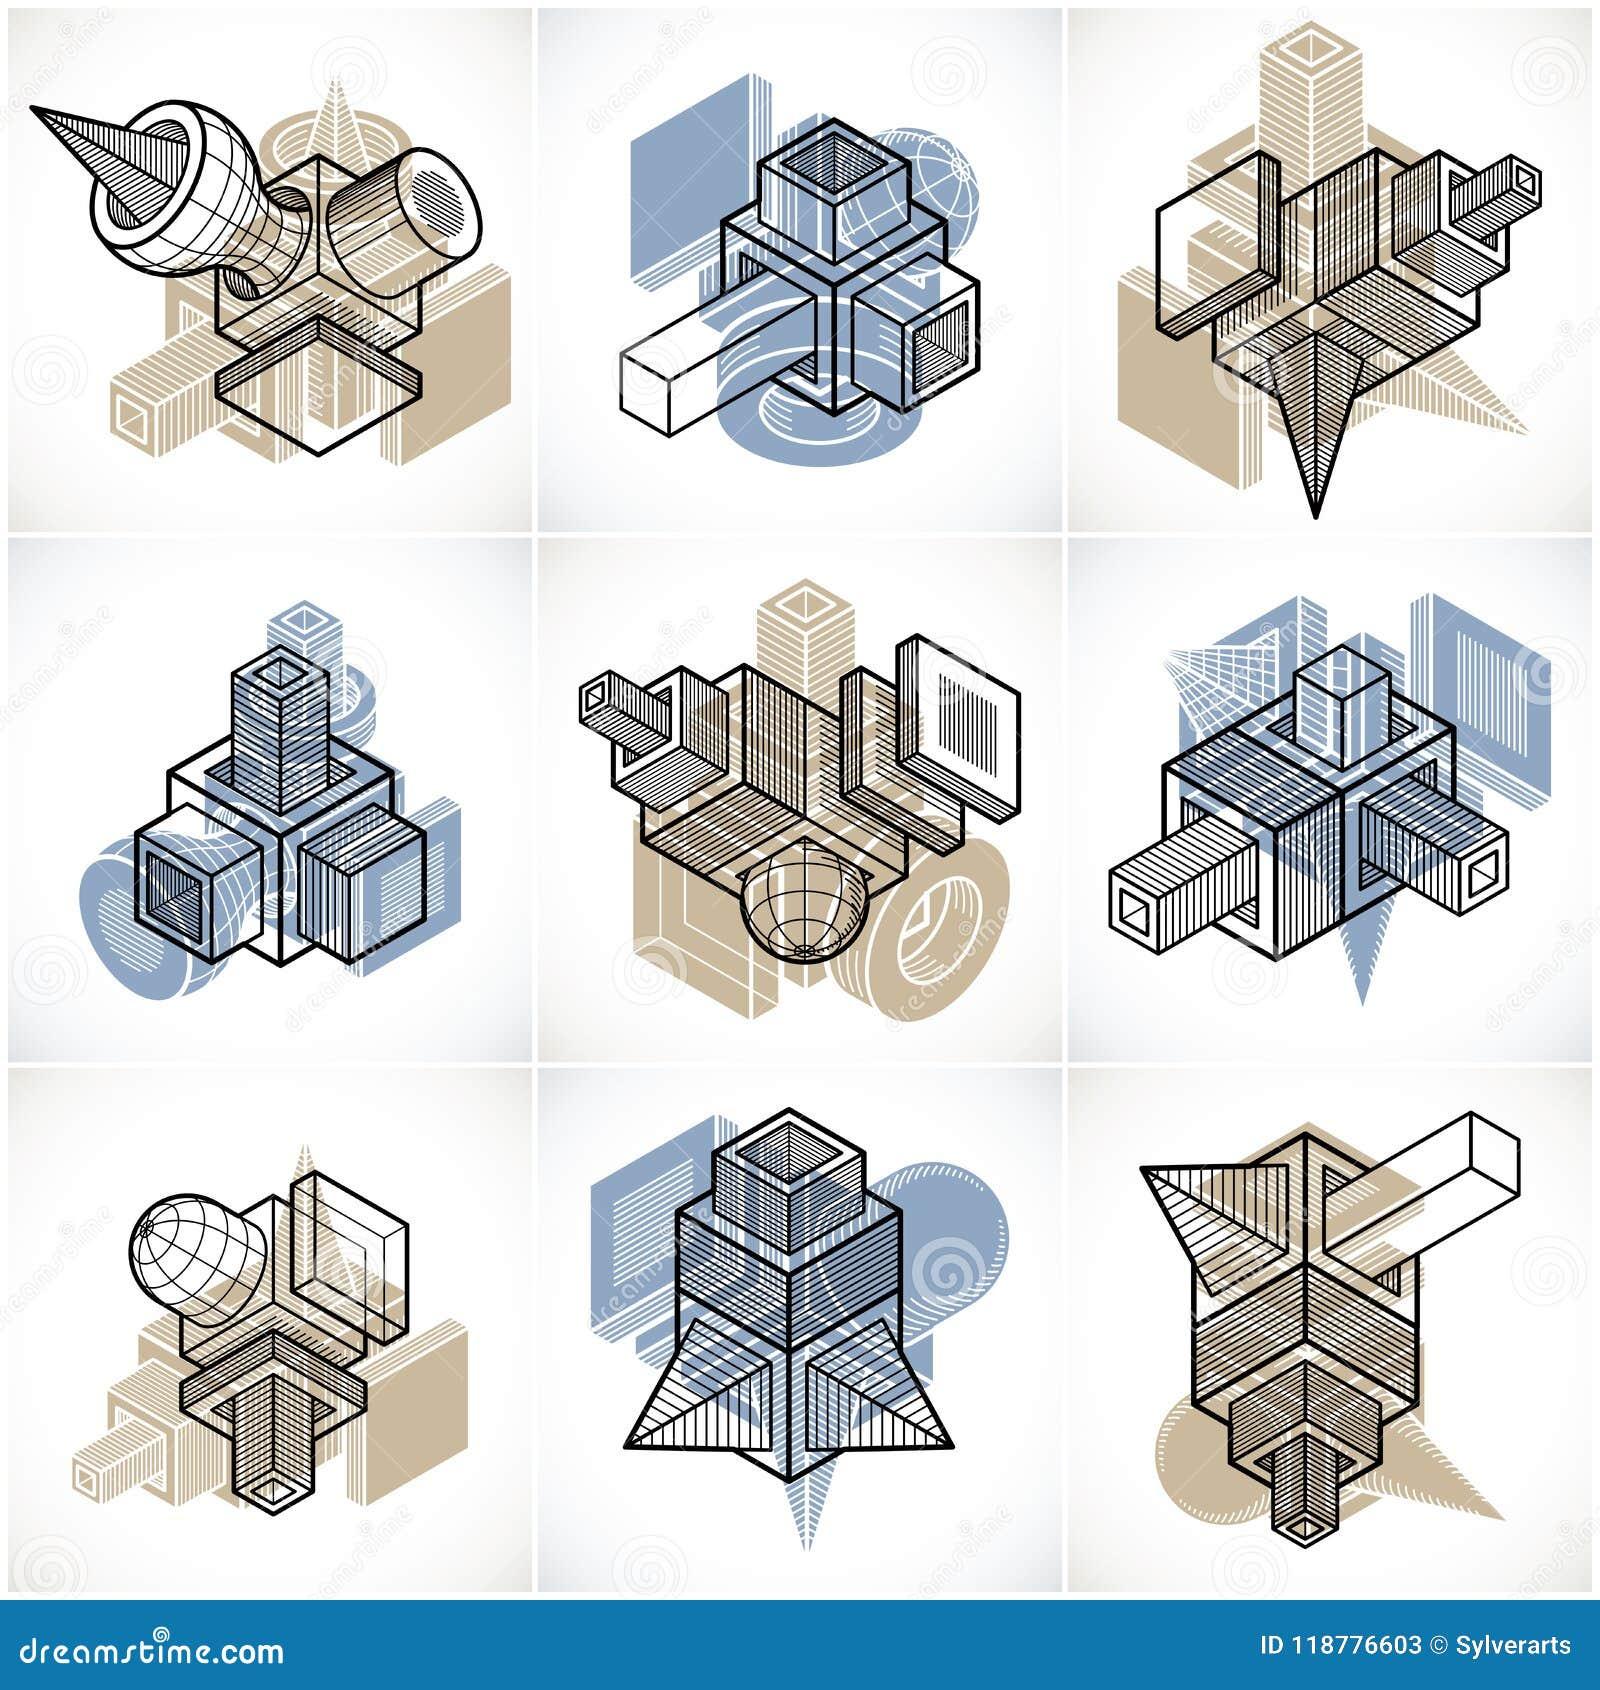 τρισδιάστατα διανύσματα εφαρμοσμένης μηχανικής, συλλογή των αφηρημένων μορφών